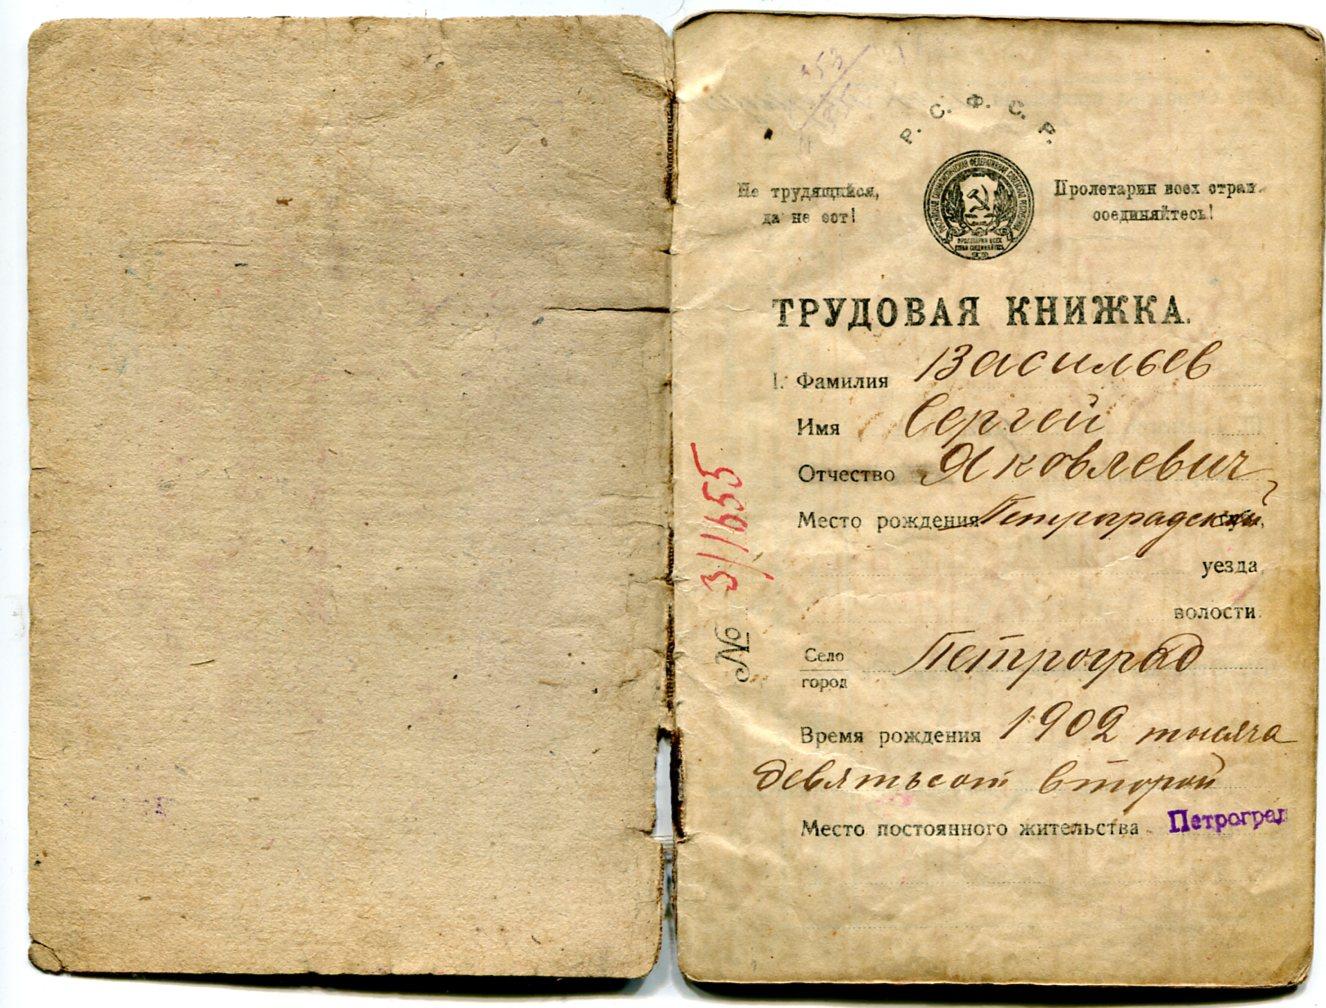 Трудовая книжка, Путиловский з-д,1919г. : Советский Союз